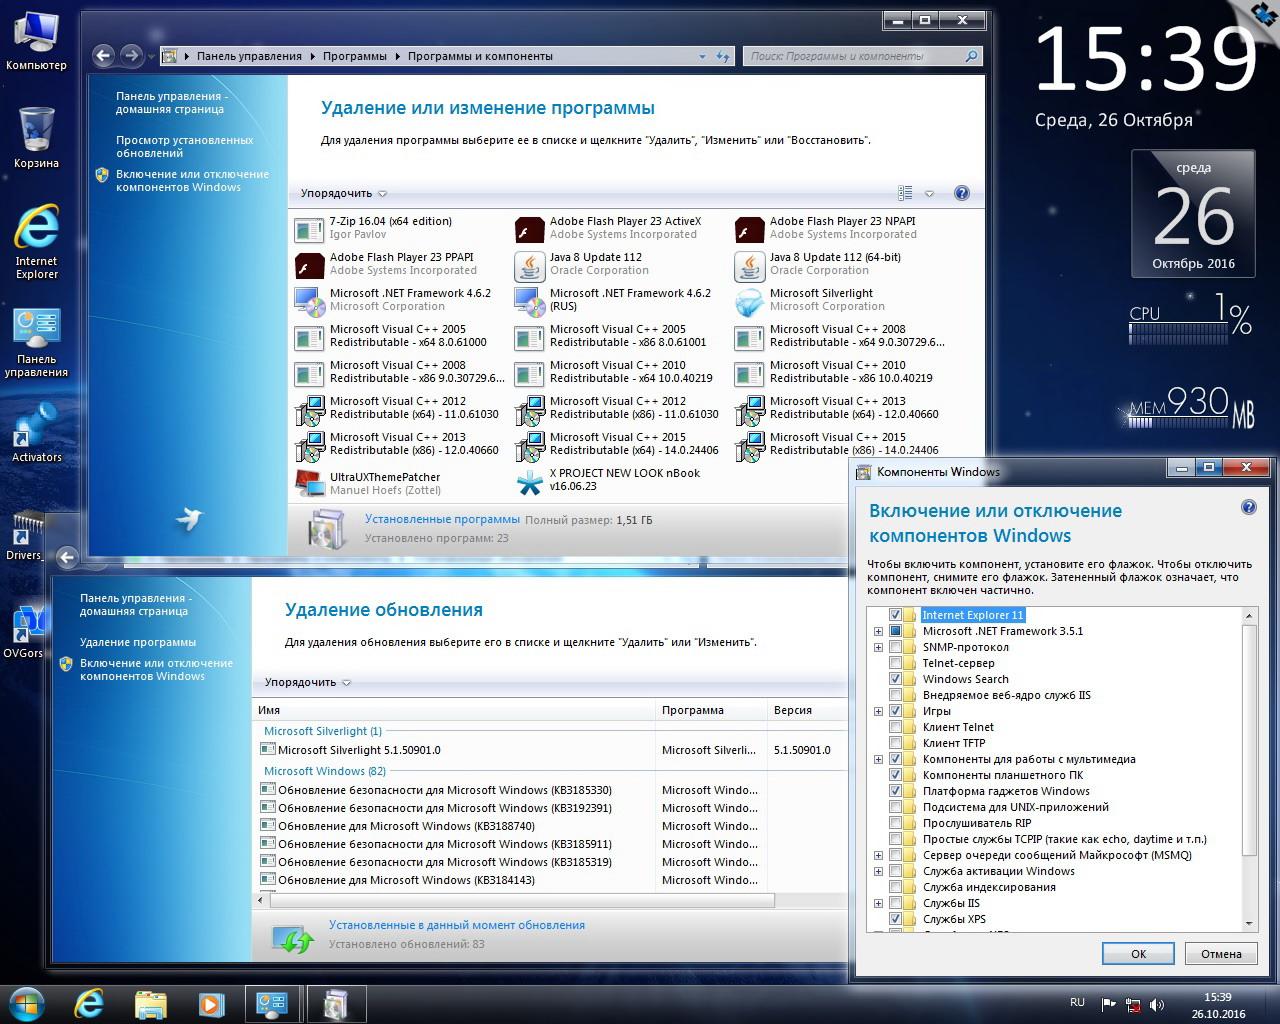 Скачать Windows 7 Ultimate SP1 by Loginvovchyk Ноябрь 2016 ...